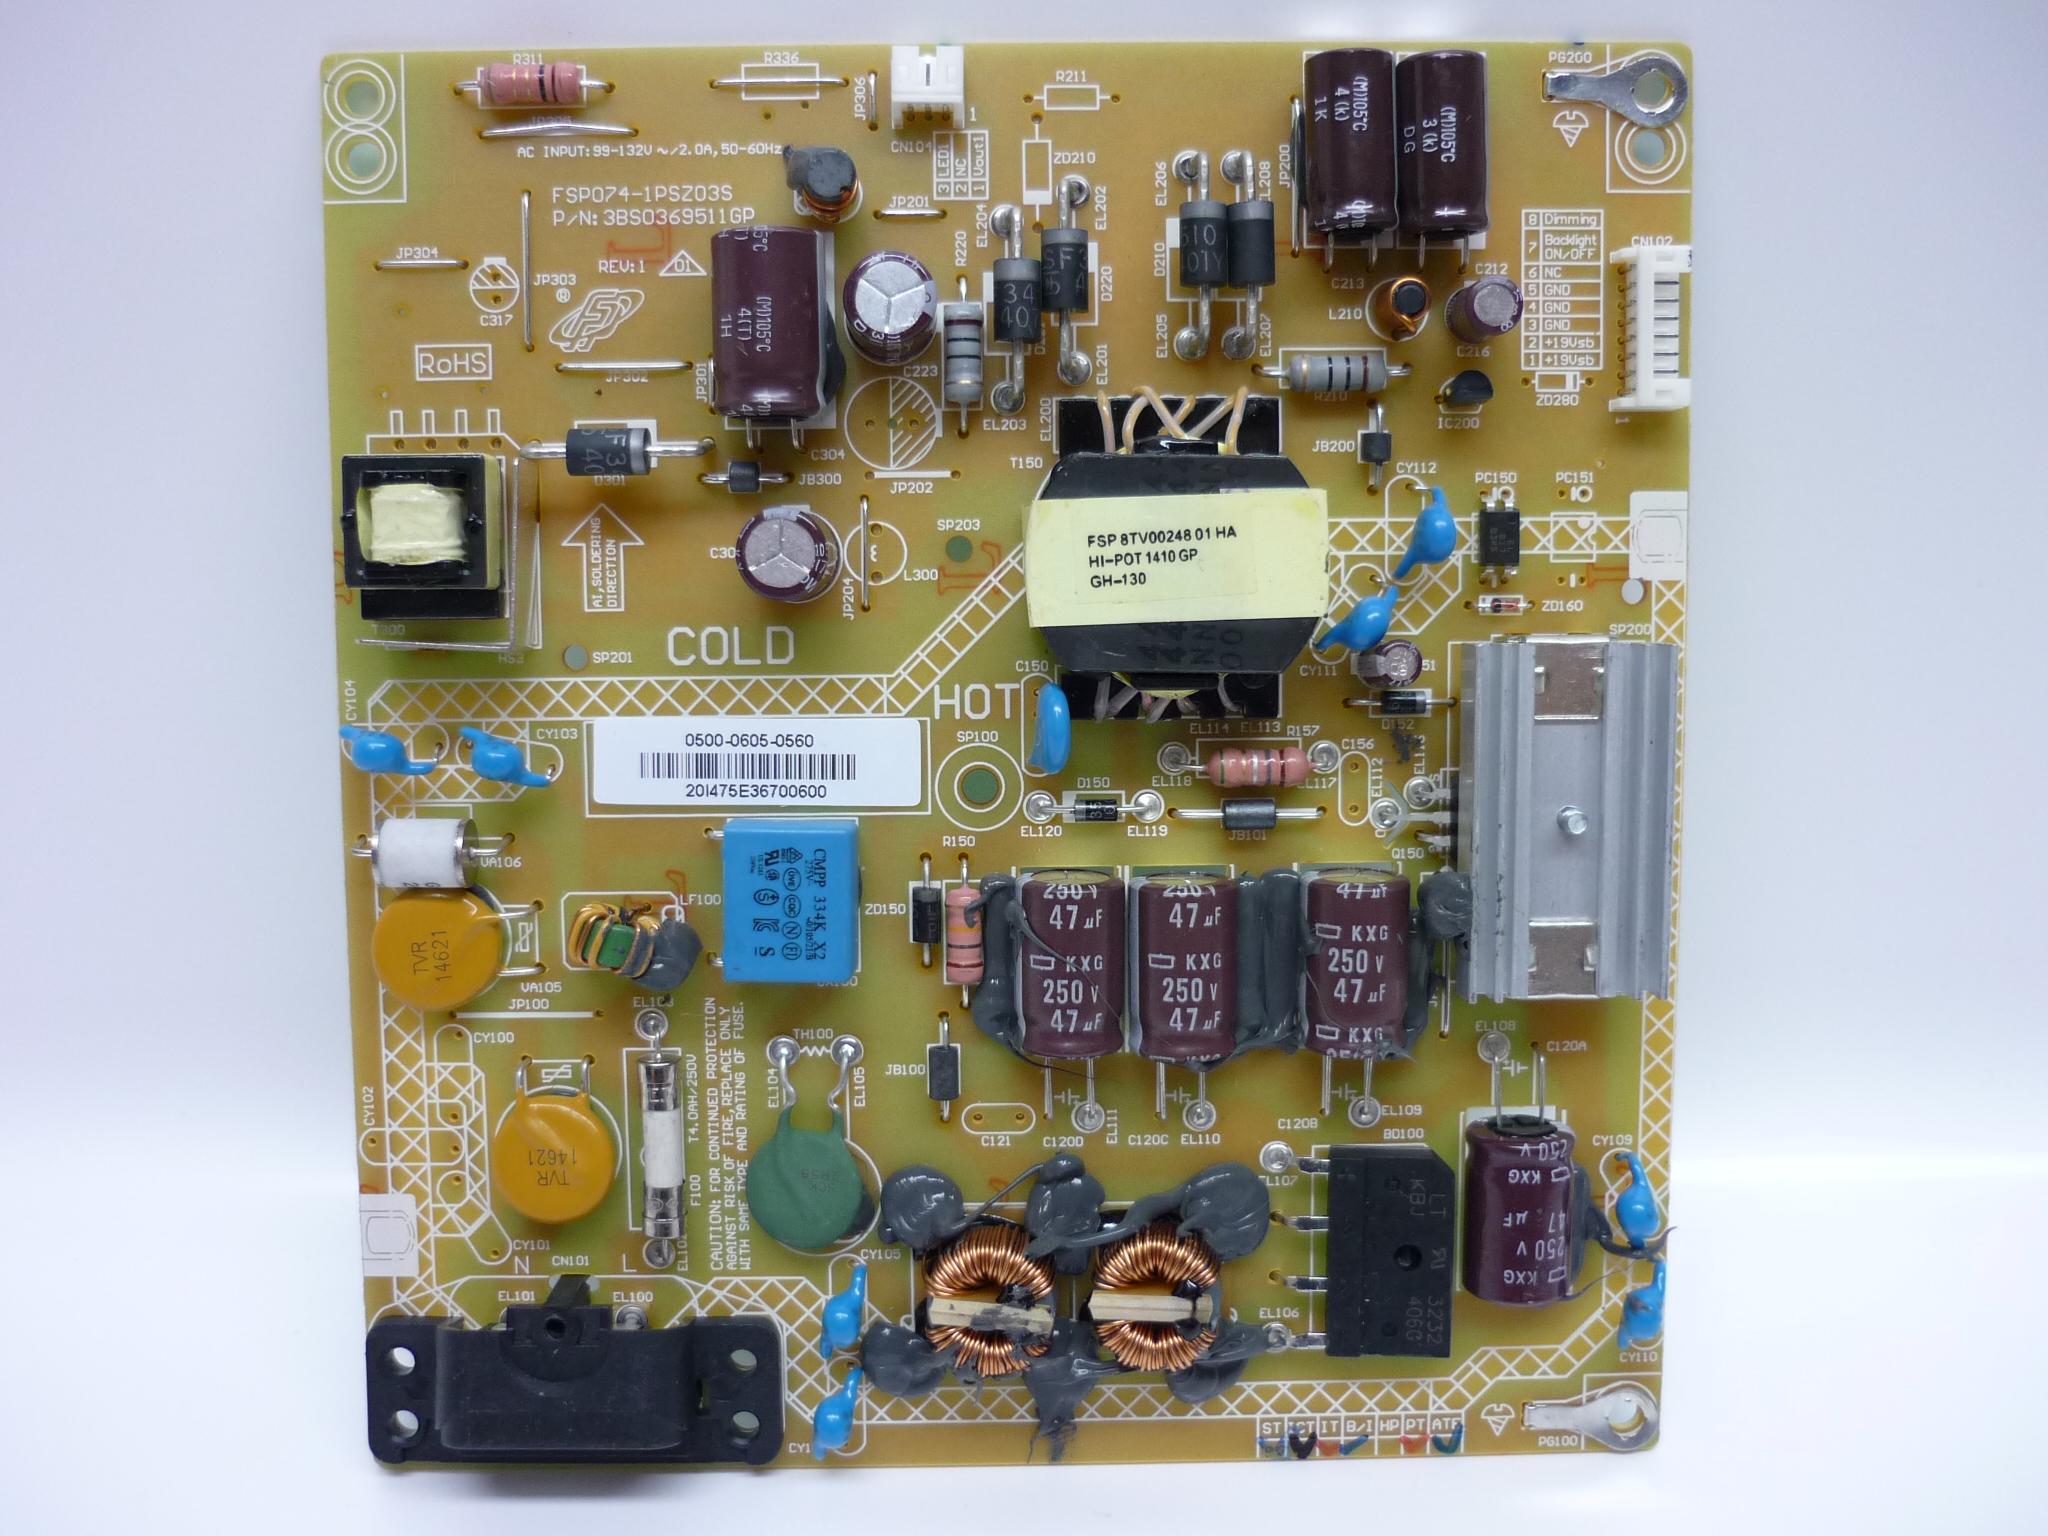 Sharp 0500-0605-0560 Power Supply